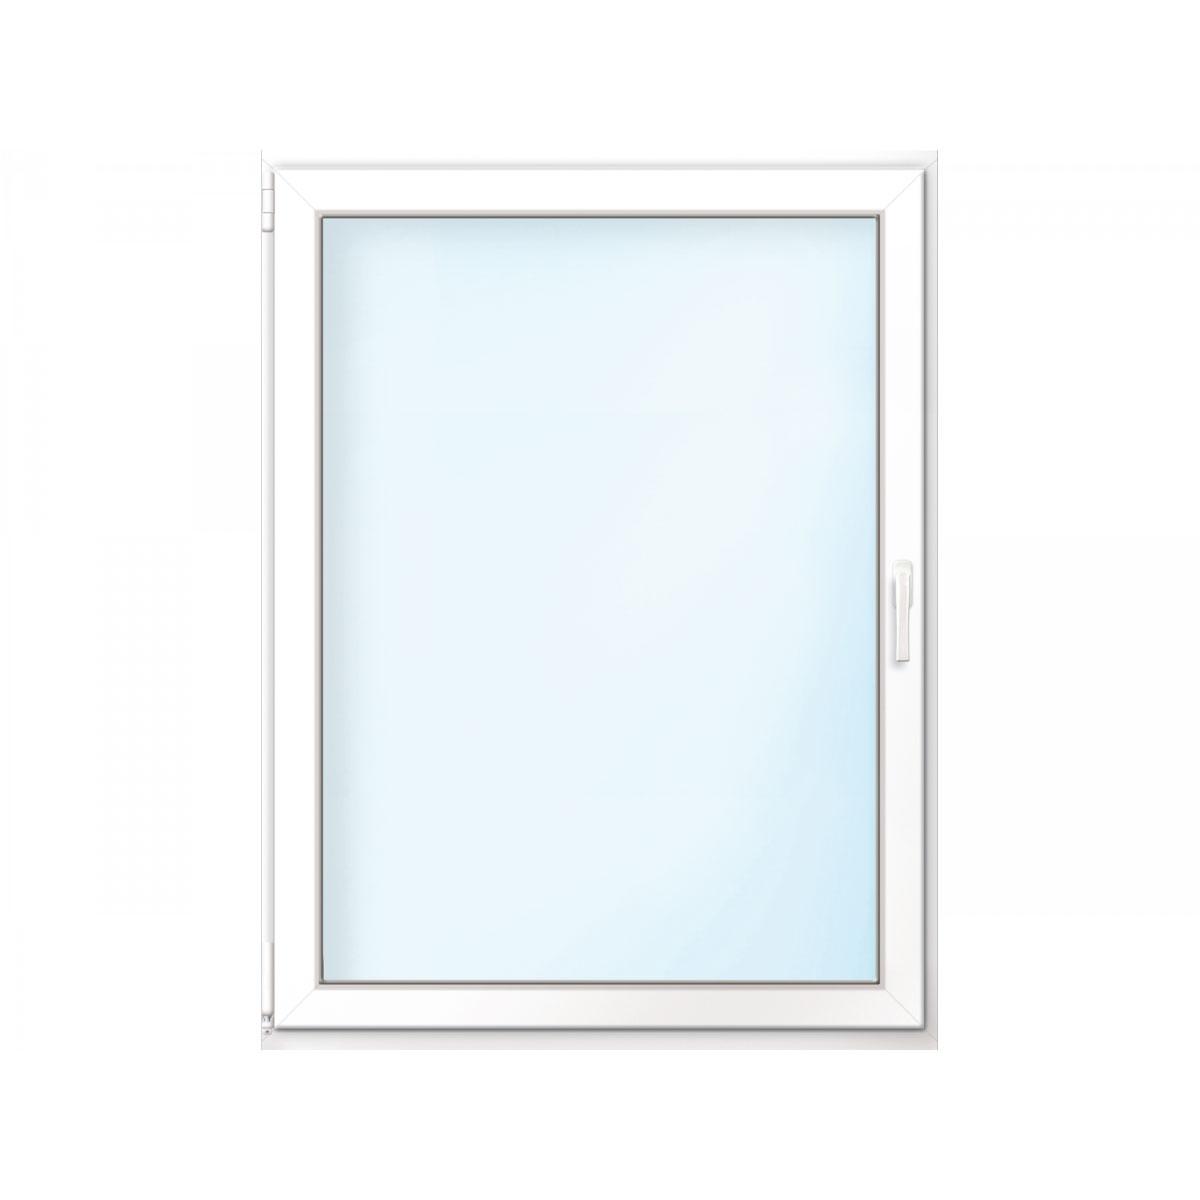 Fenster PVC 70/3 weiß/weiß Anschlag links 75x100 cm